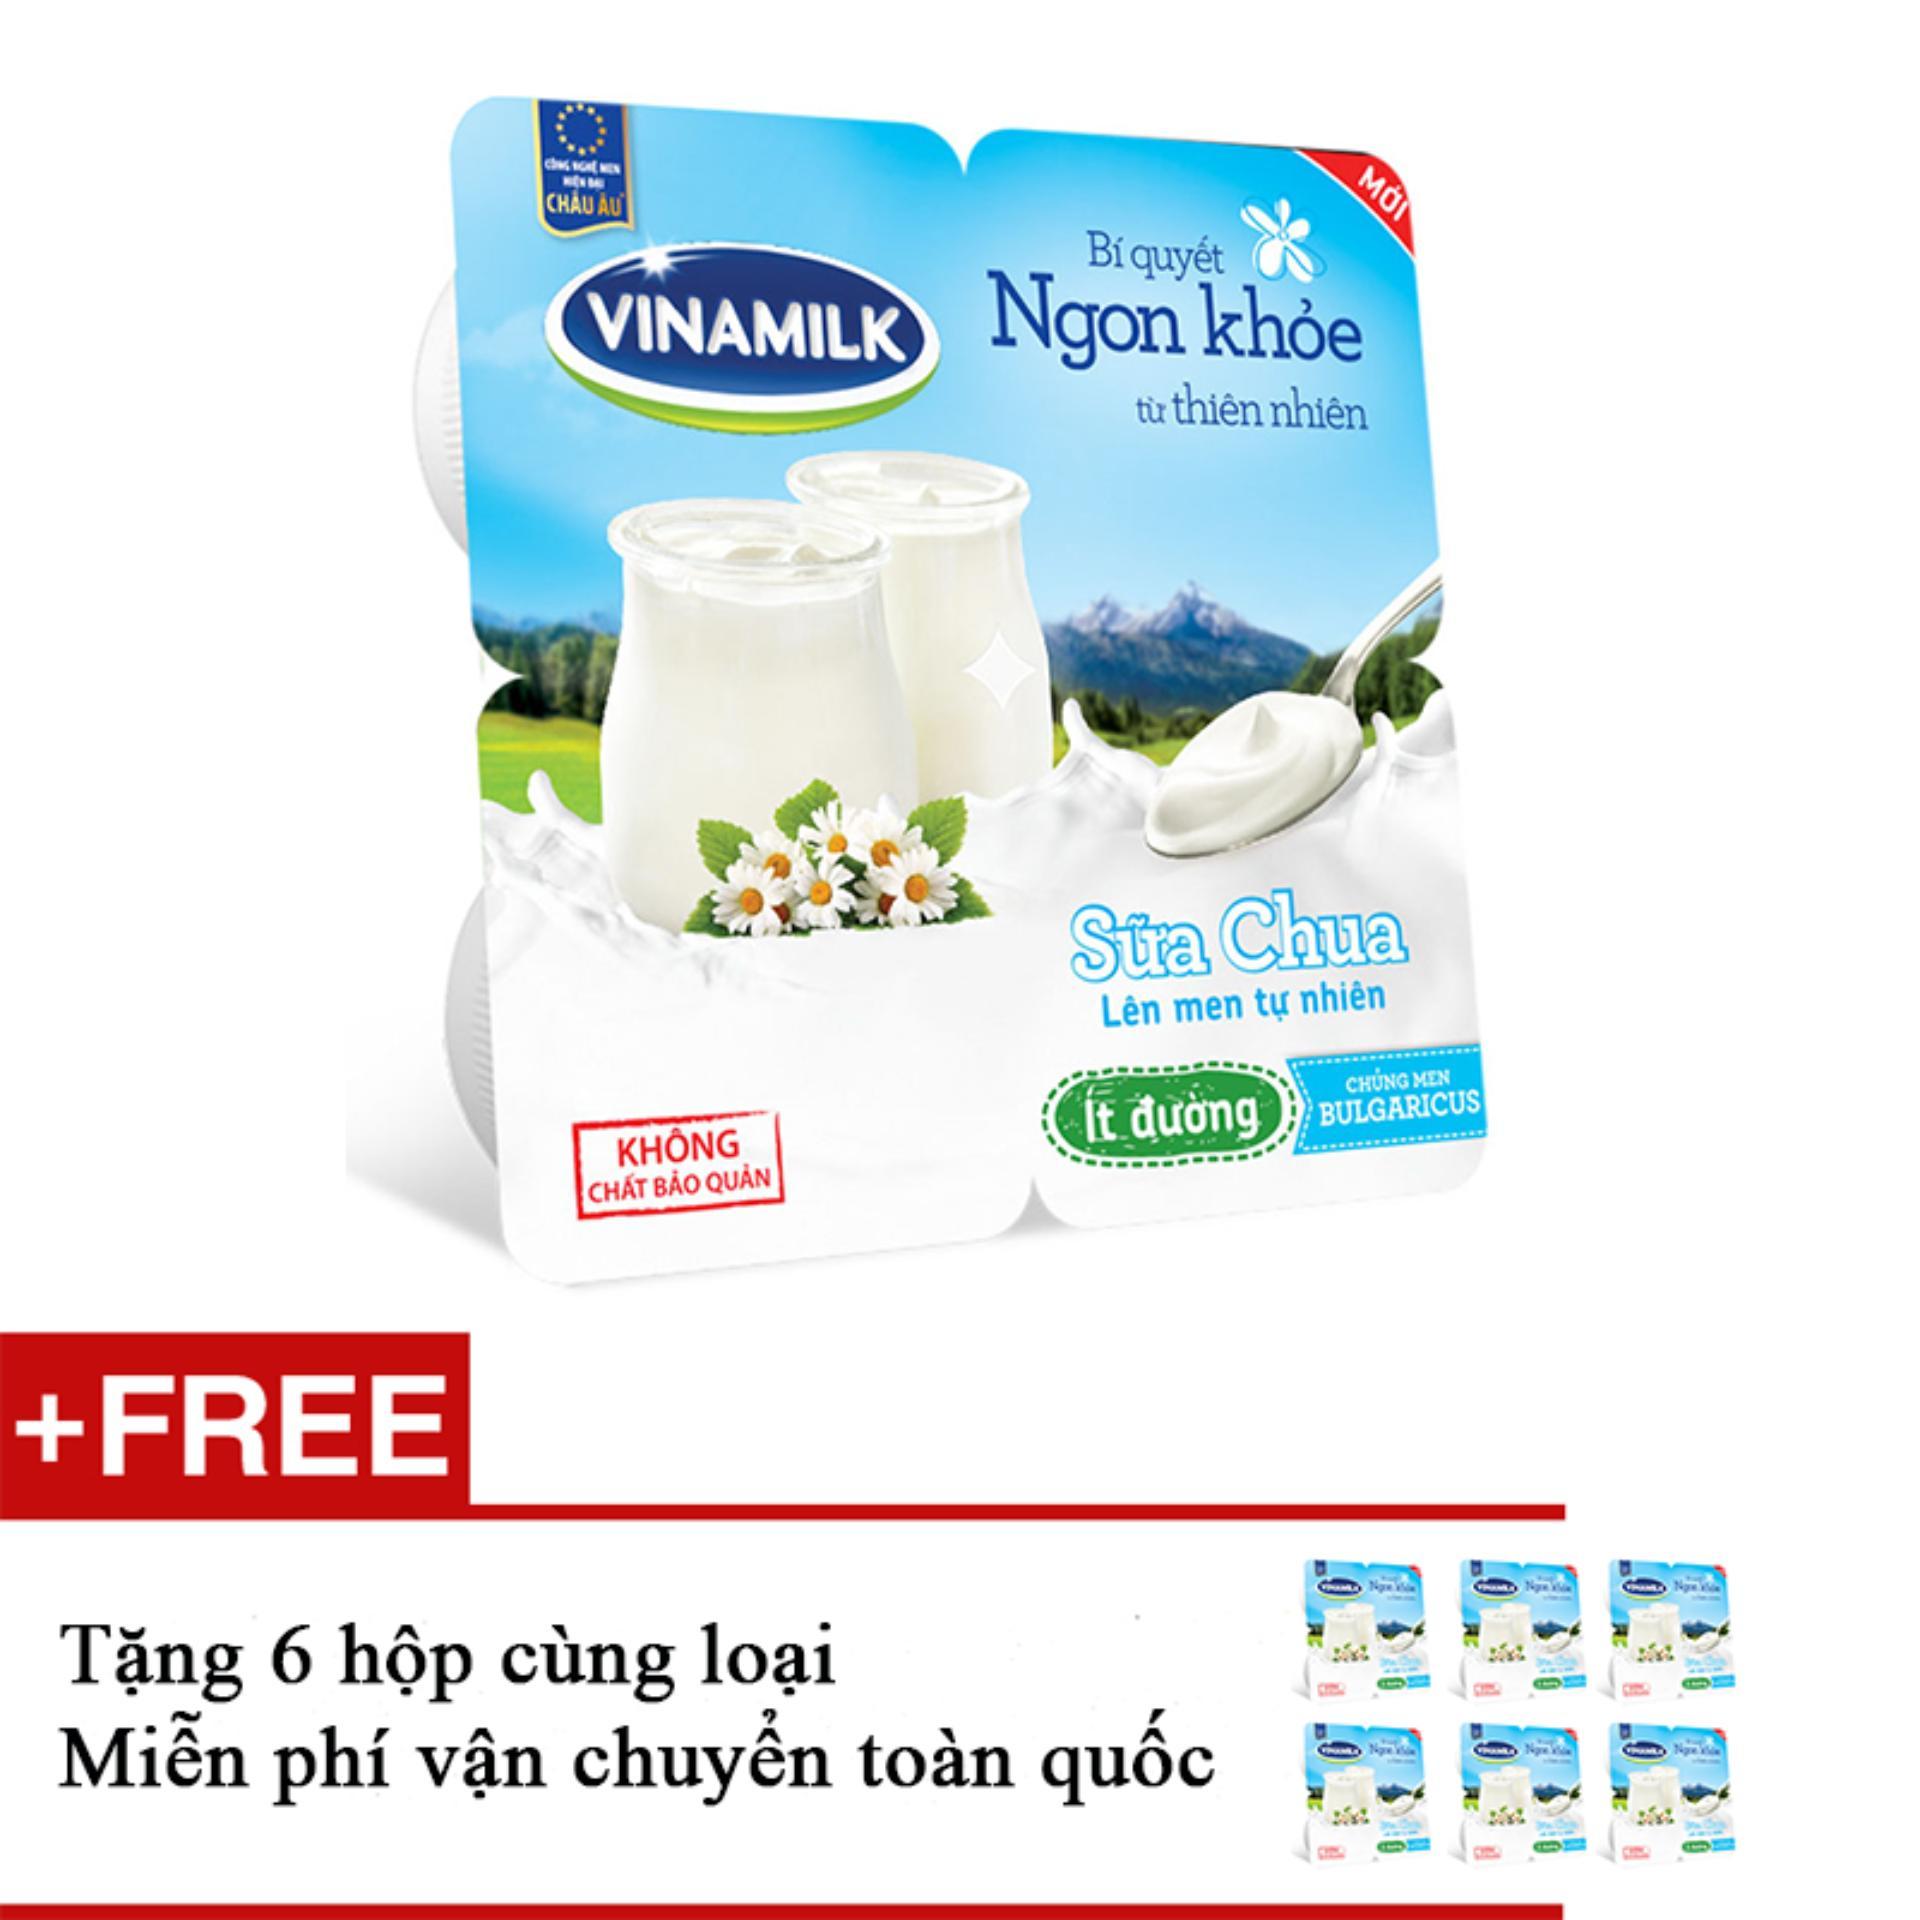 Giá Bán Thung 48 Hộp Sữa Chua Ăn Vinamilk It Đường Tặng 6 Hộp Cung Loại Vinamilk